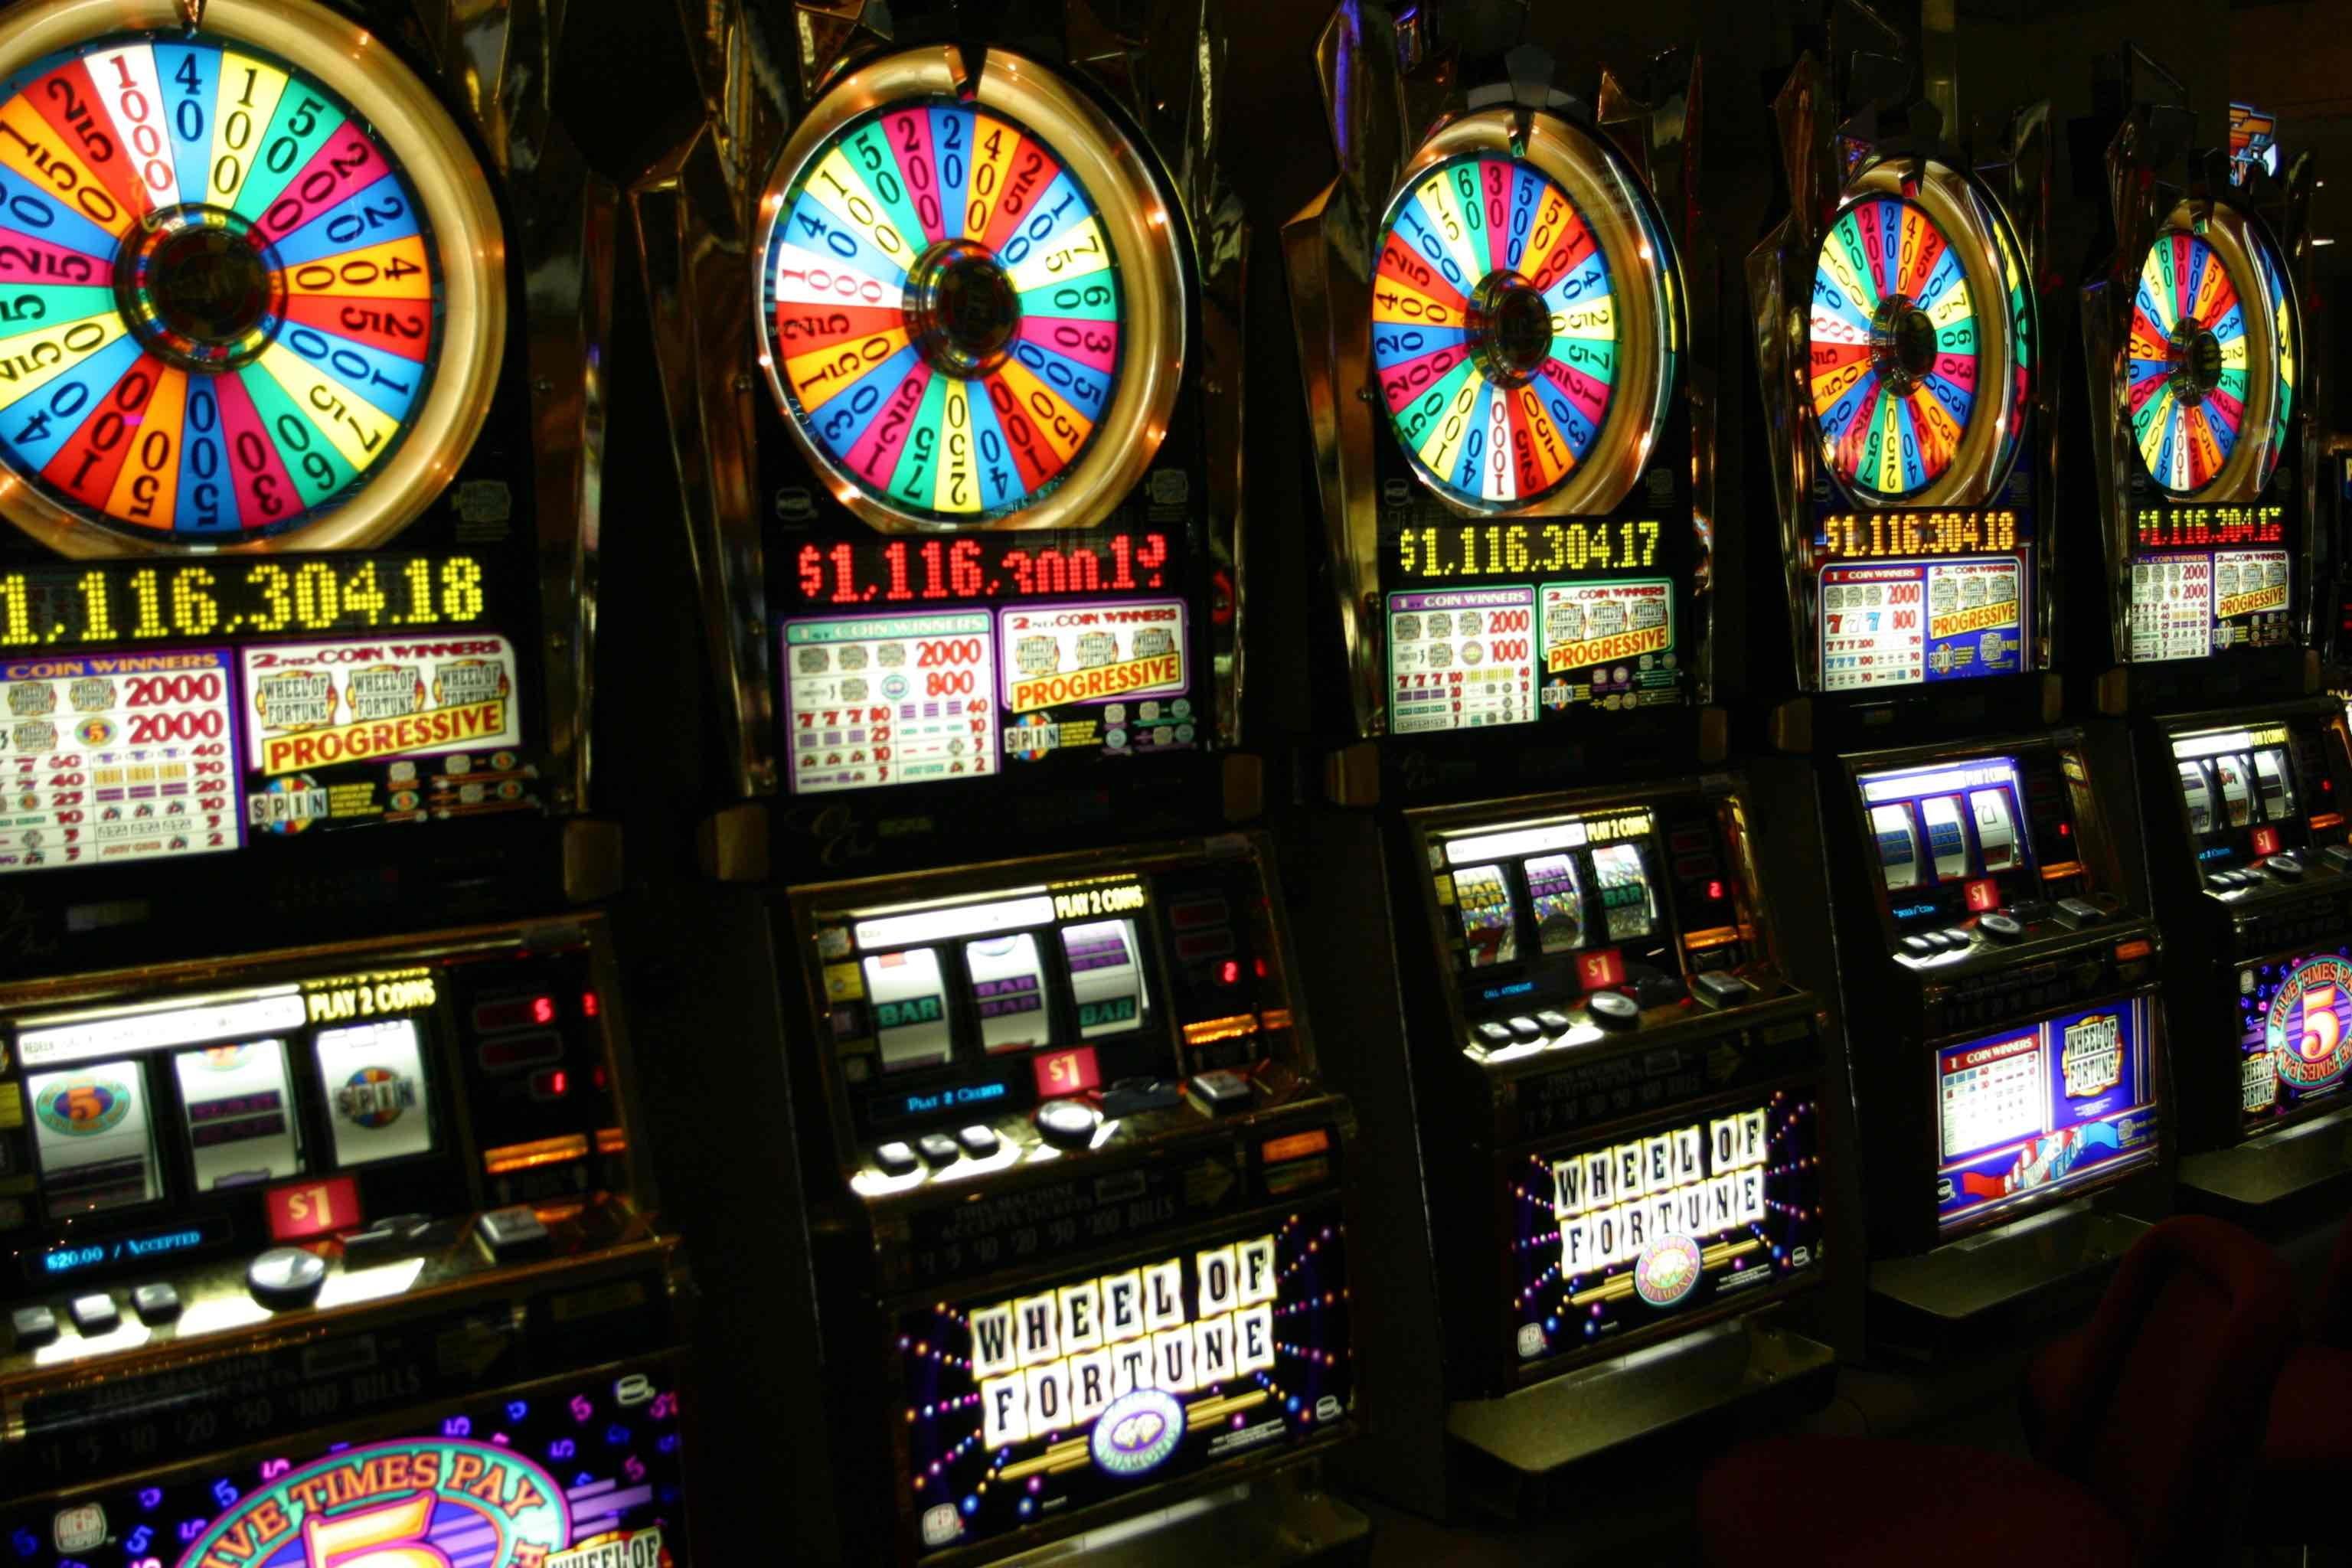 255 kasino percuma di Bingo Besties